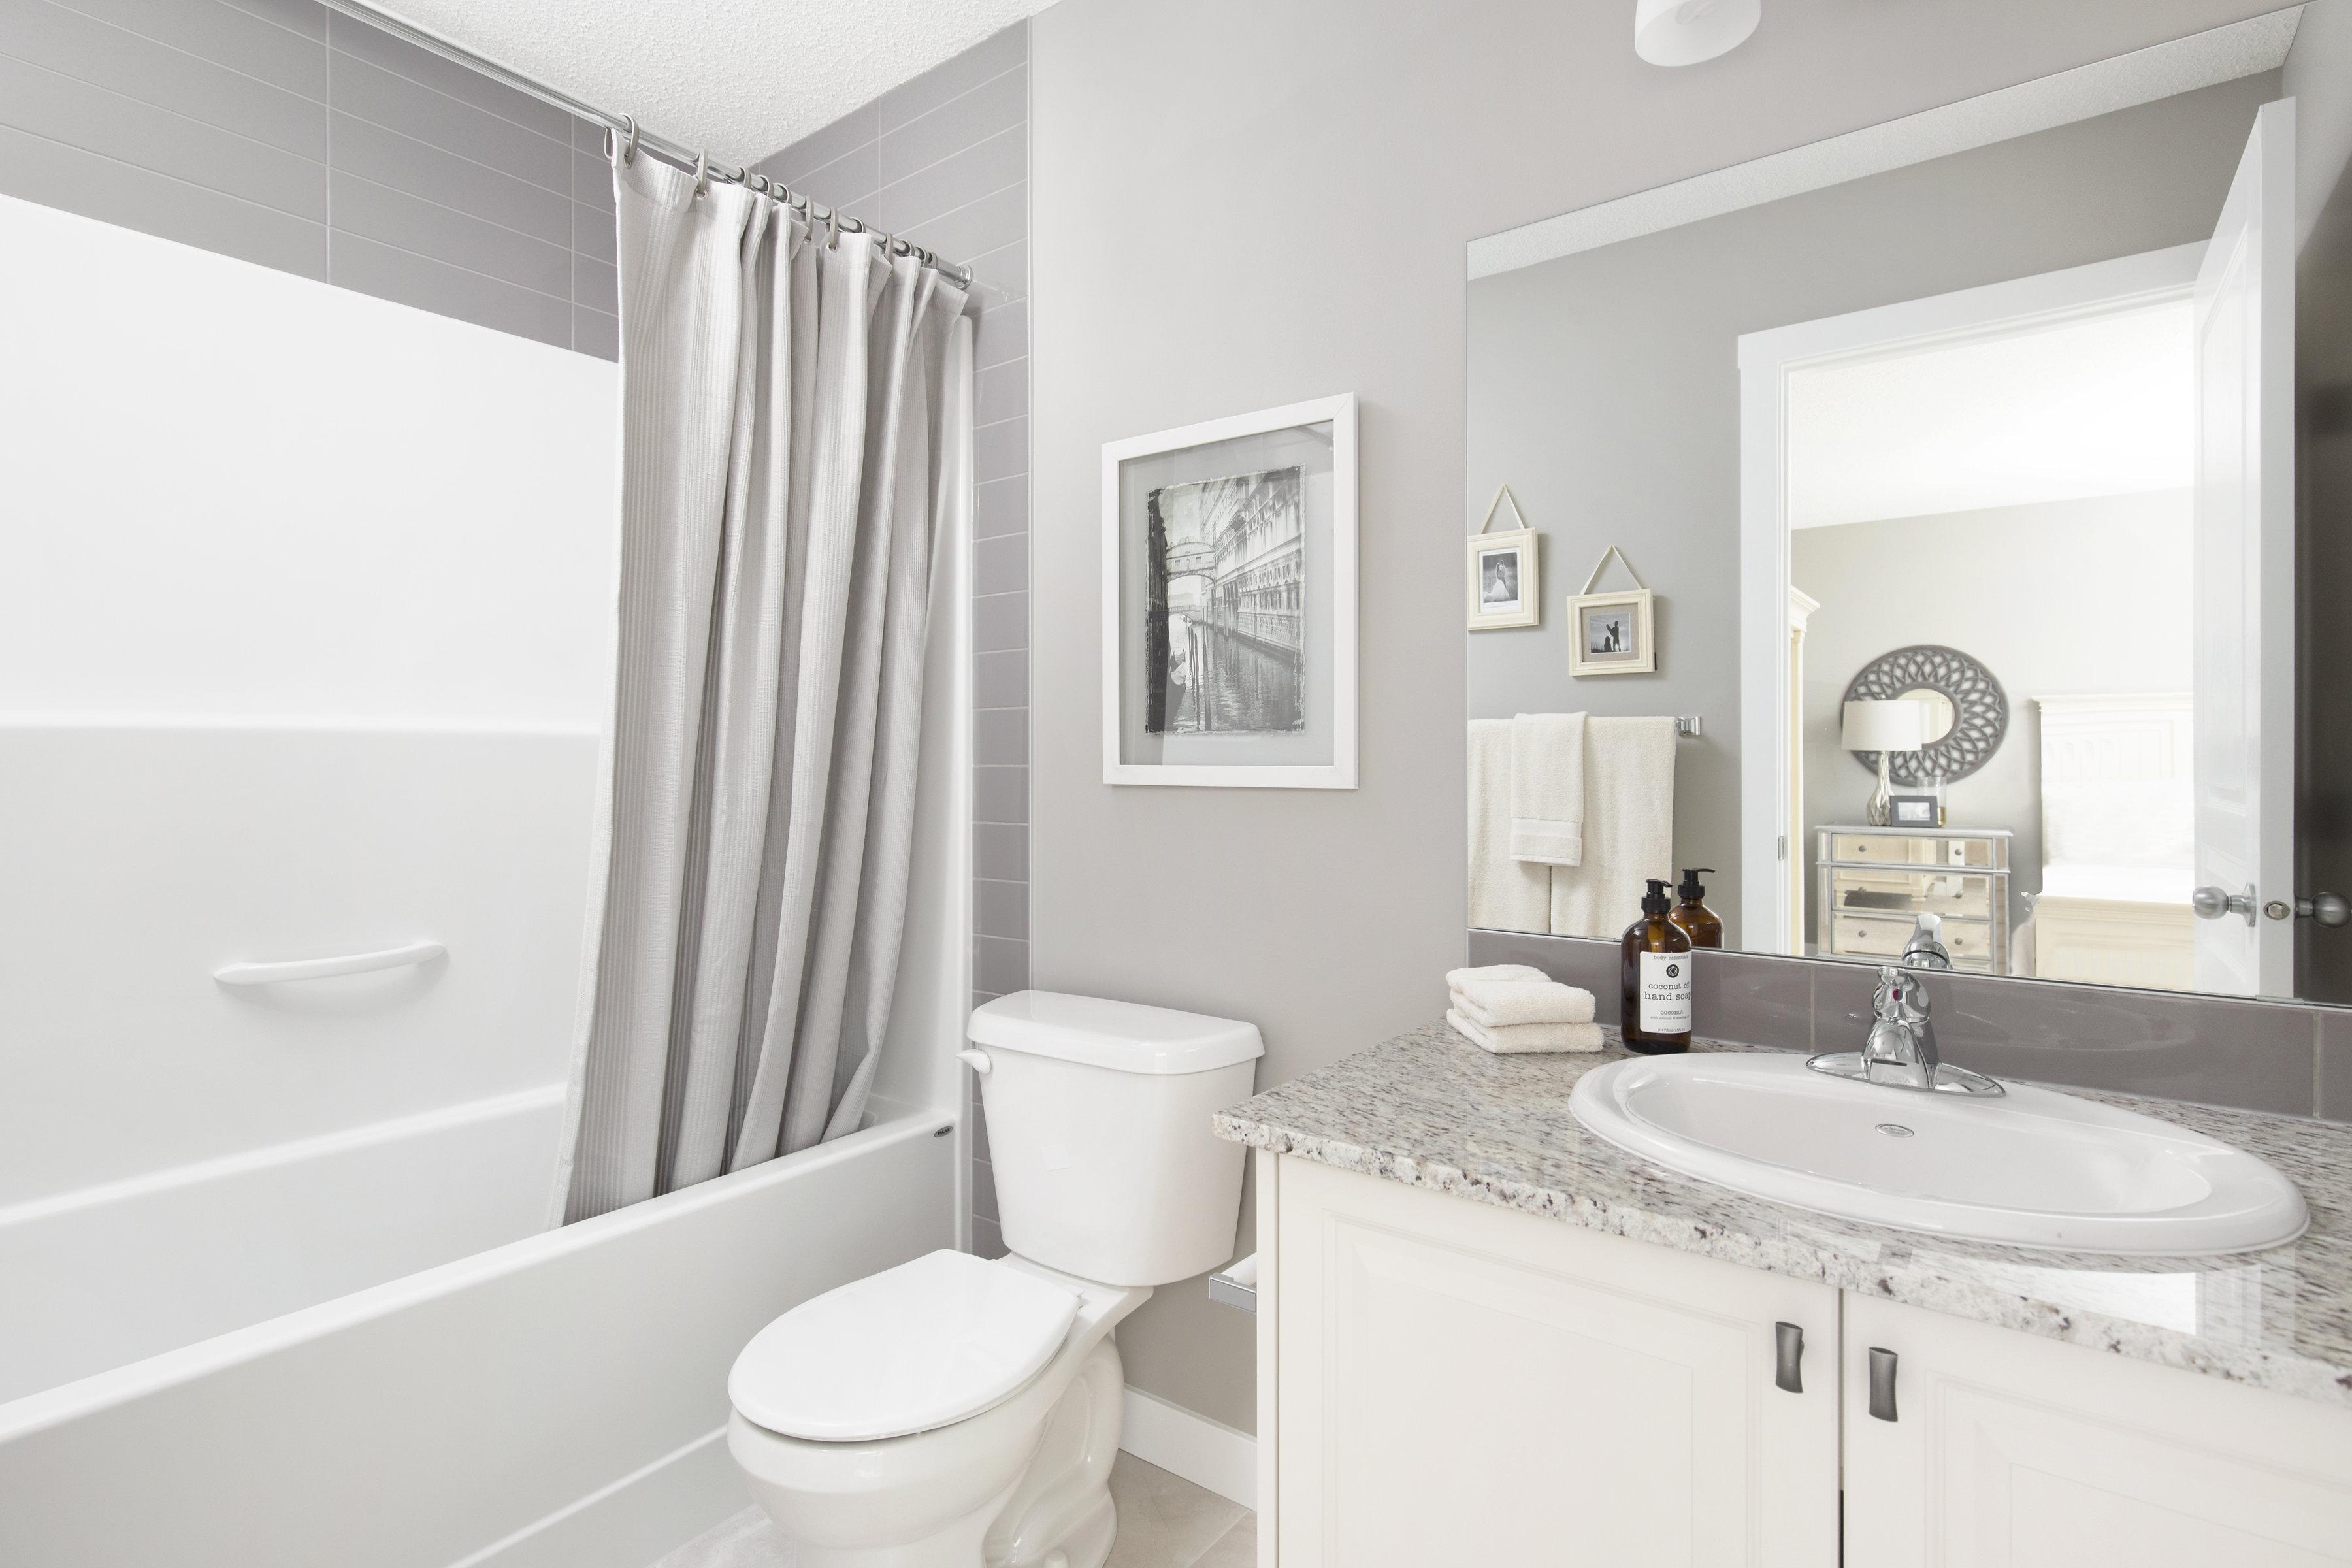 ensuite bathroom in a shane homes duplex showhome.